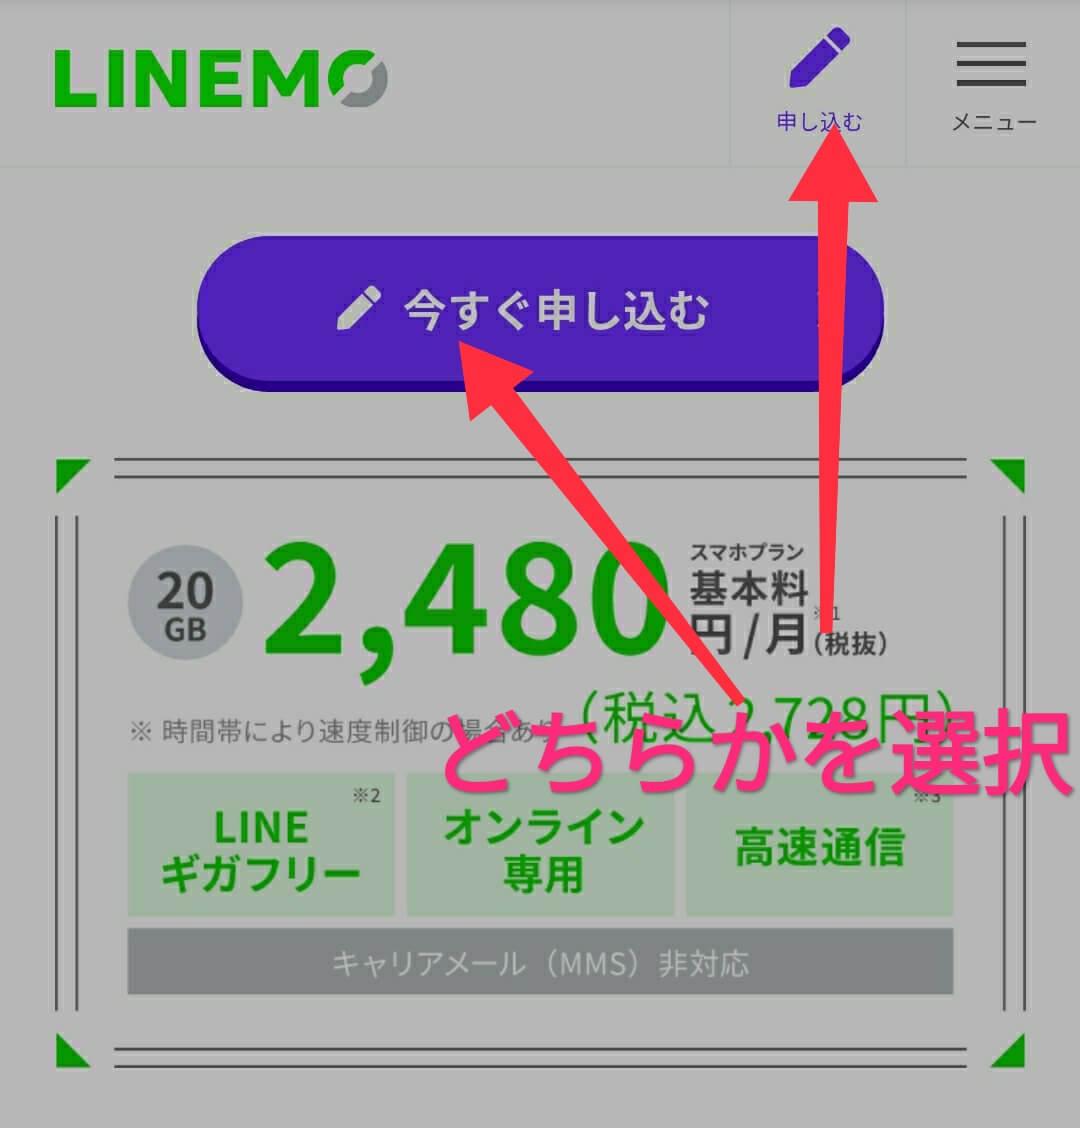 LINEMOへ今すぐ申し込む